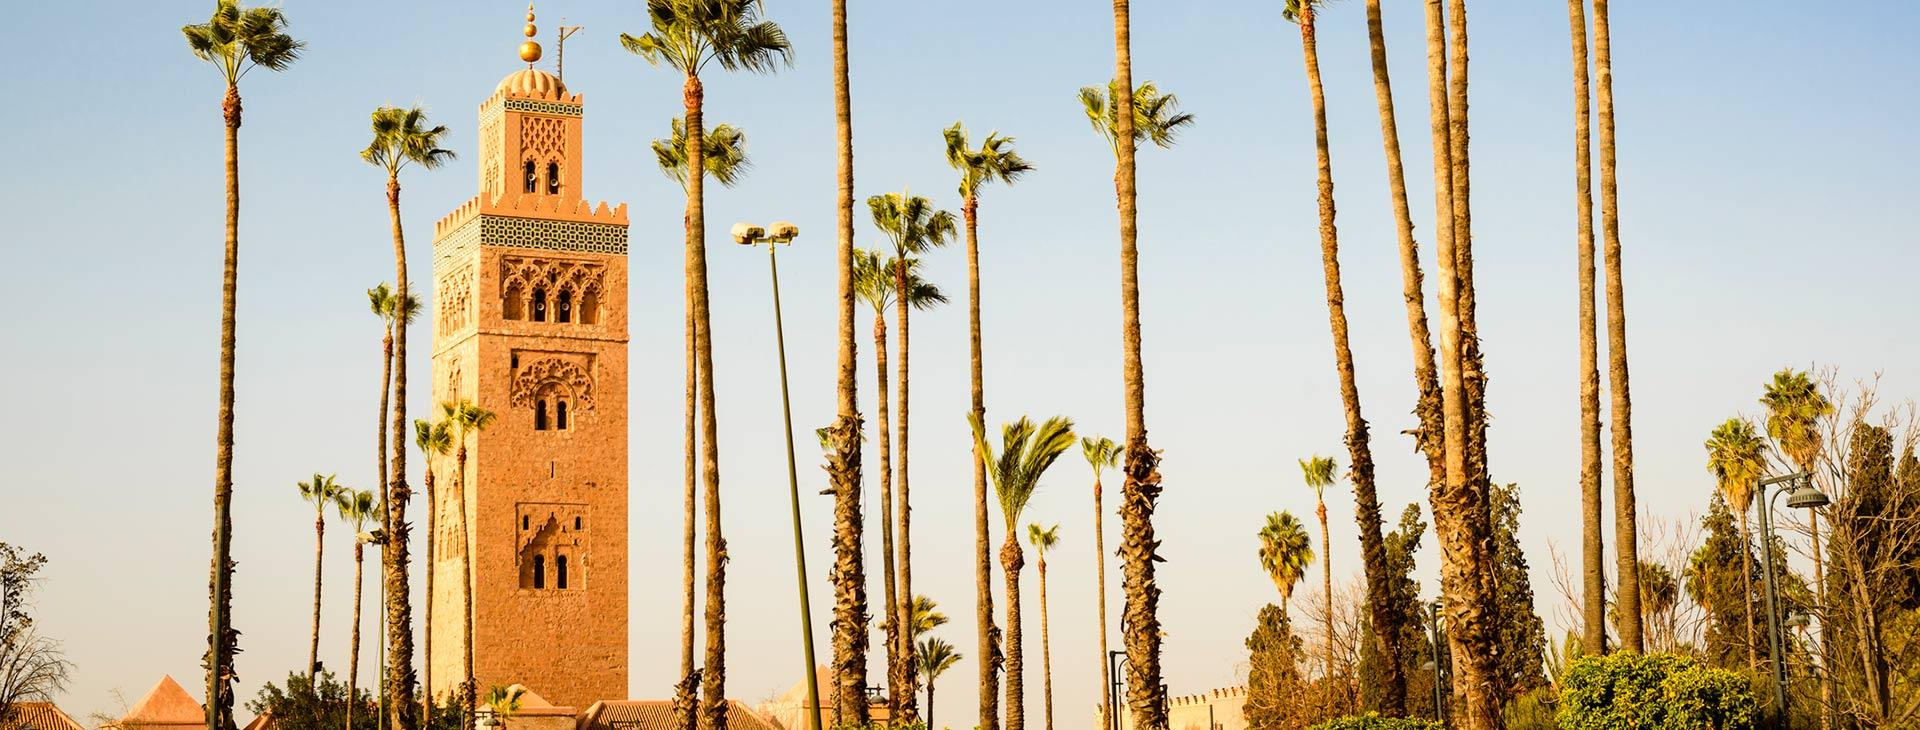 Opinie o Cesarskie Miasta(Maroko) - strona: 107 - Rainbow